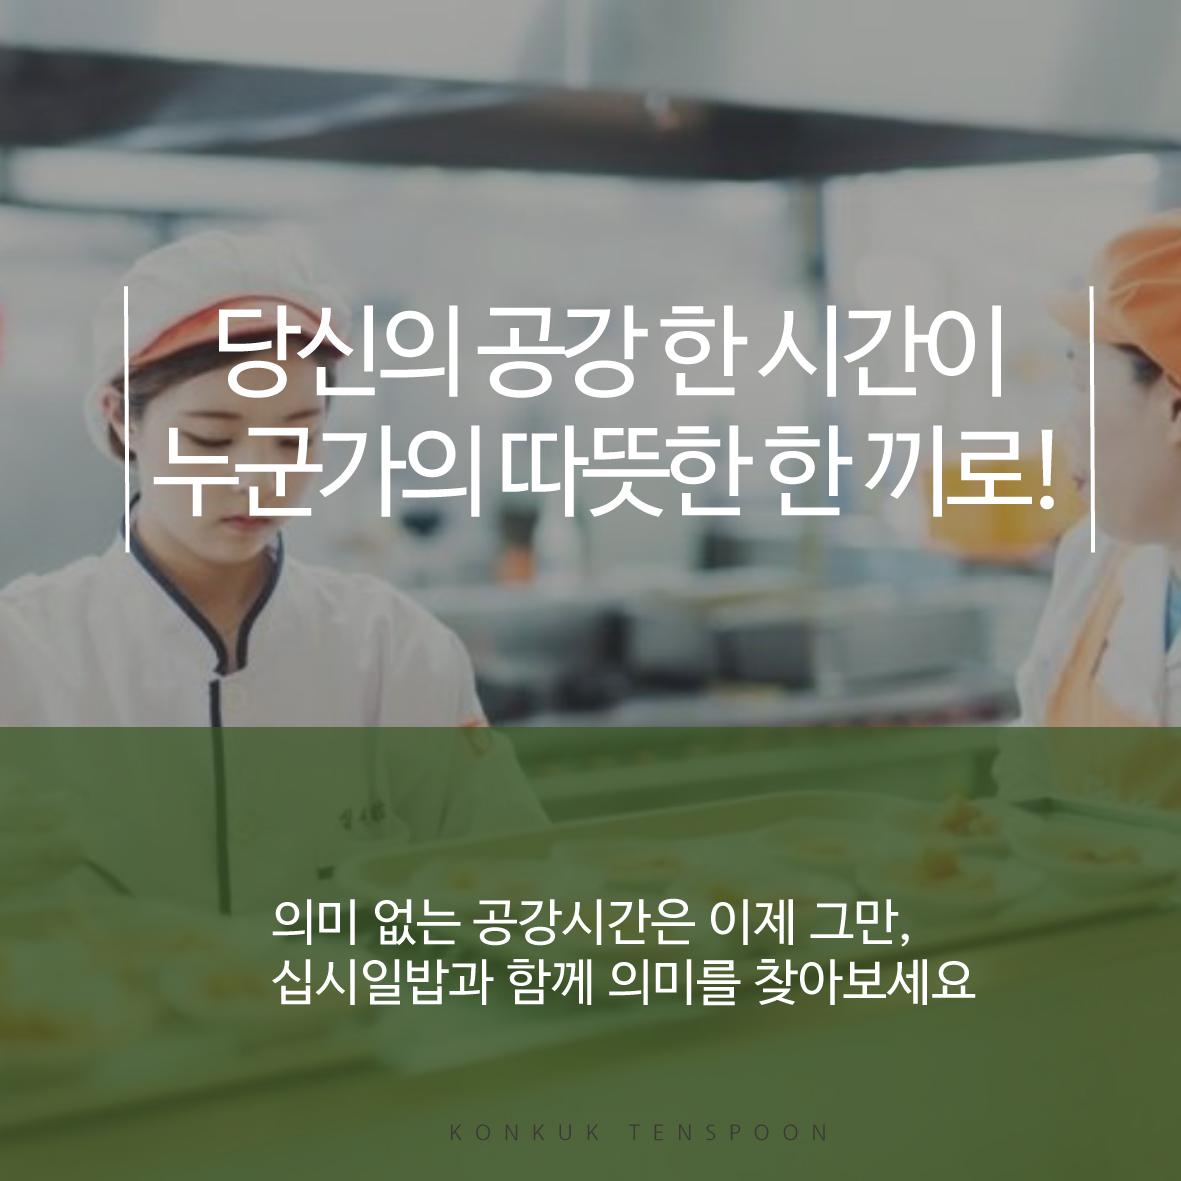 십시일밥 카드뉴스_완성-3.jpg